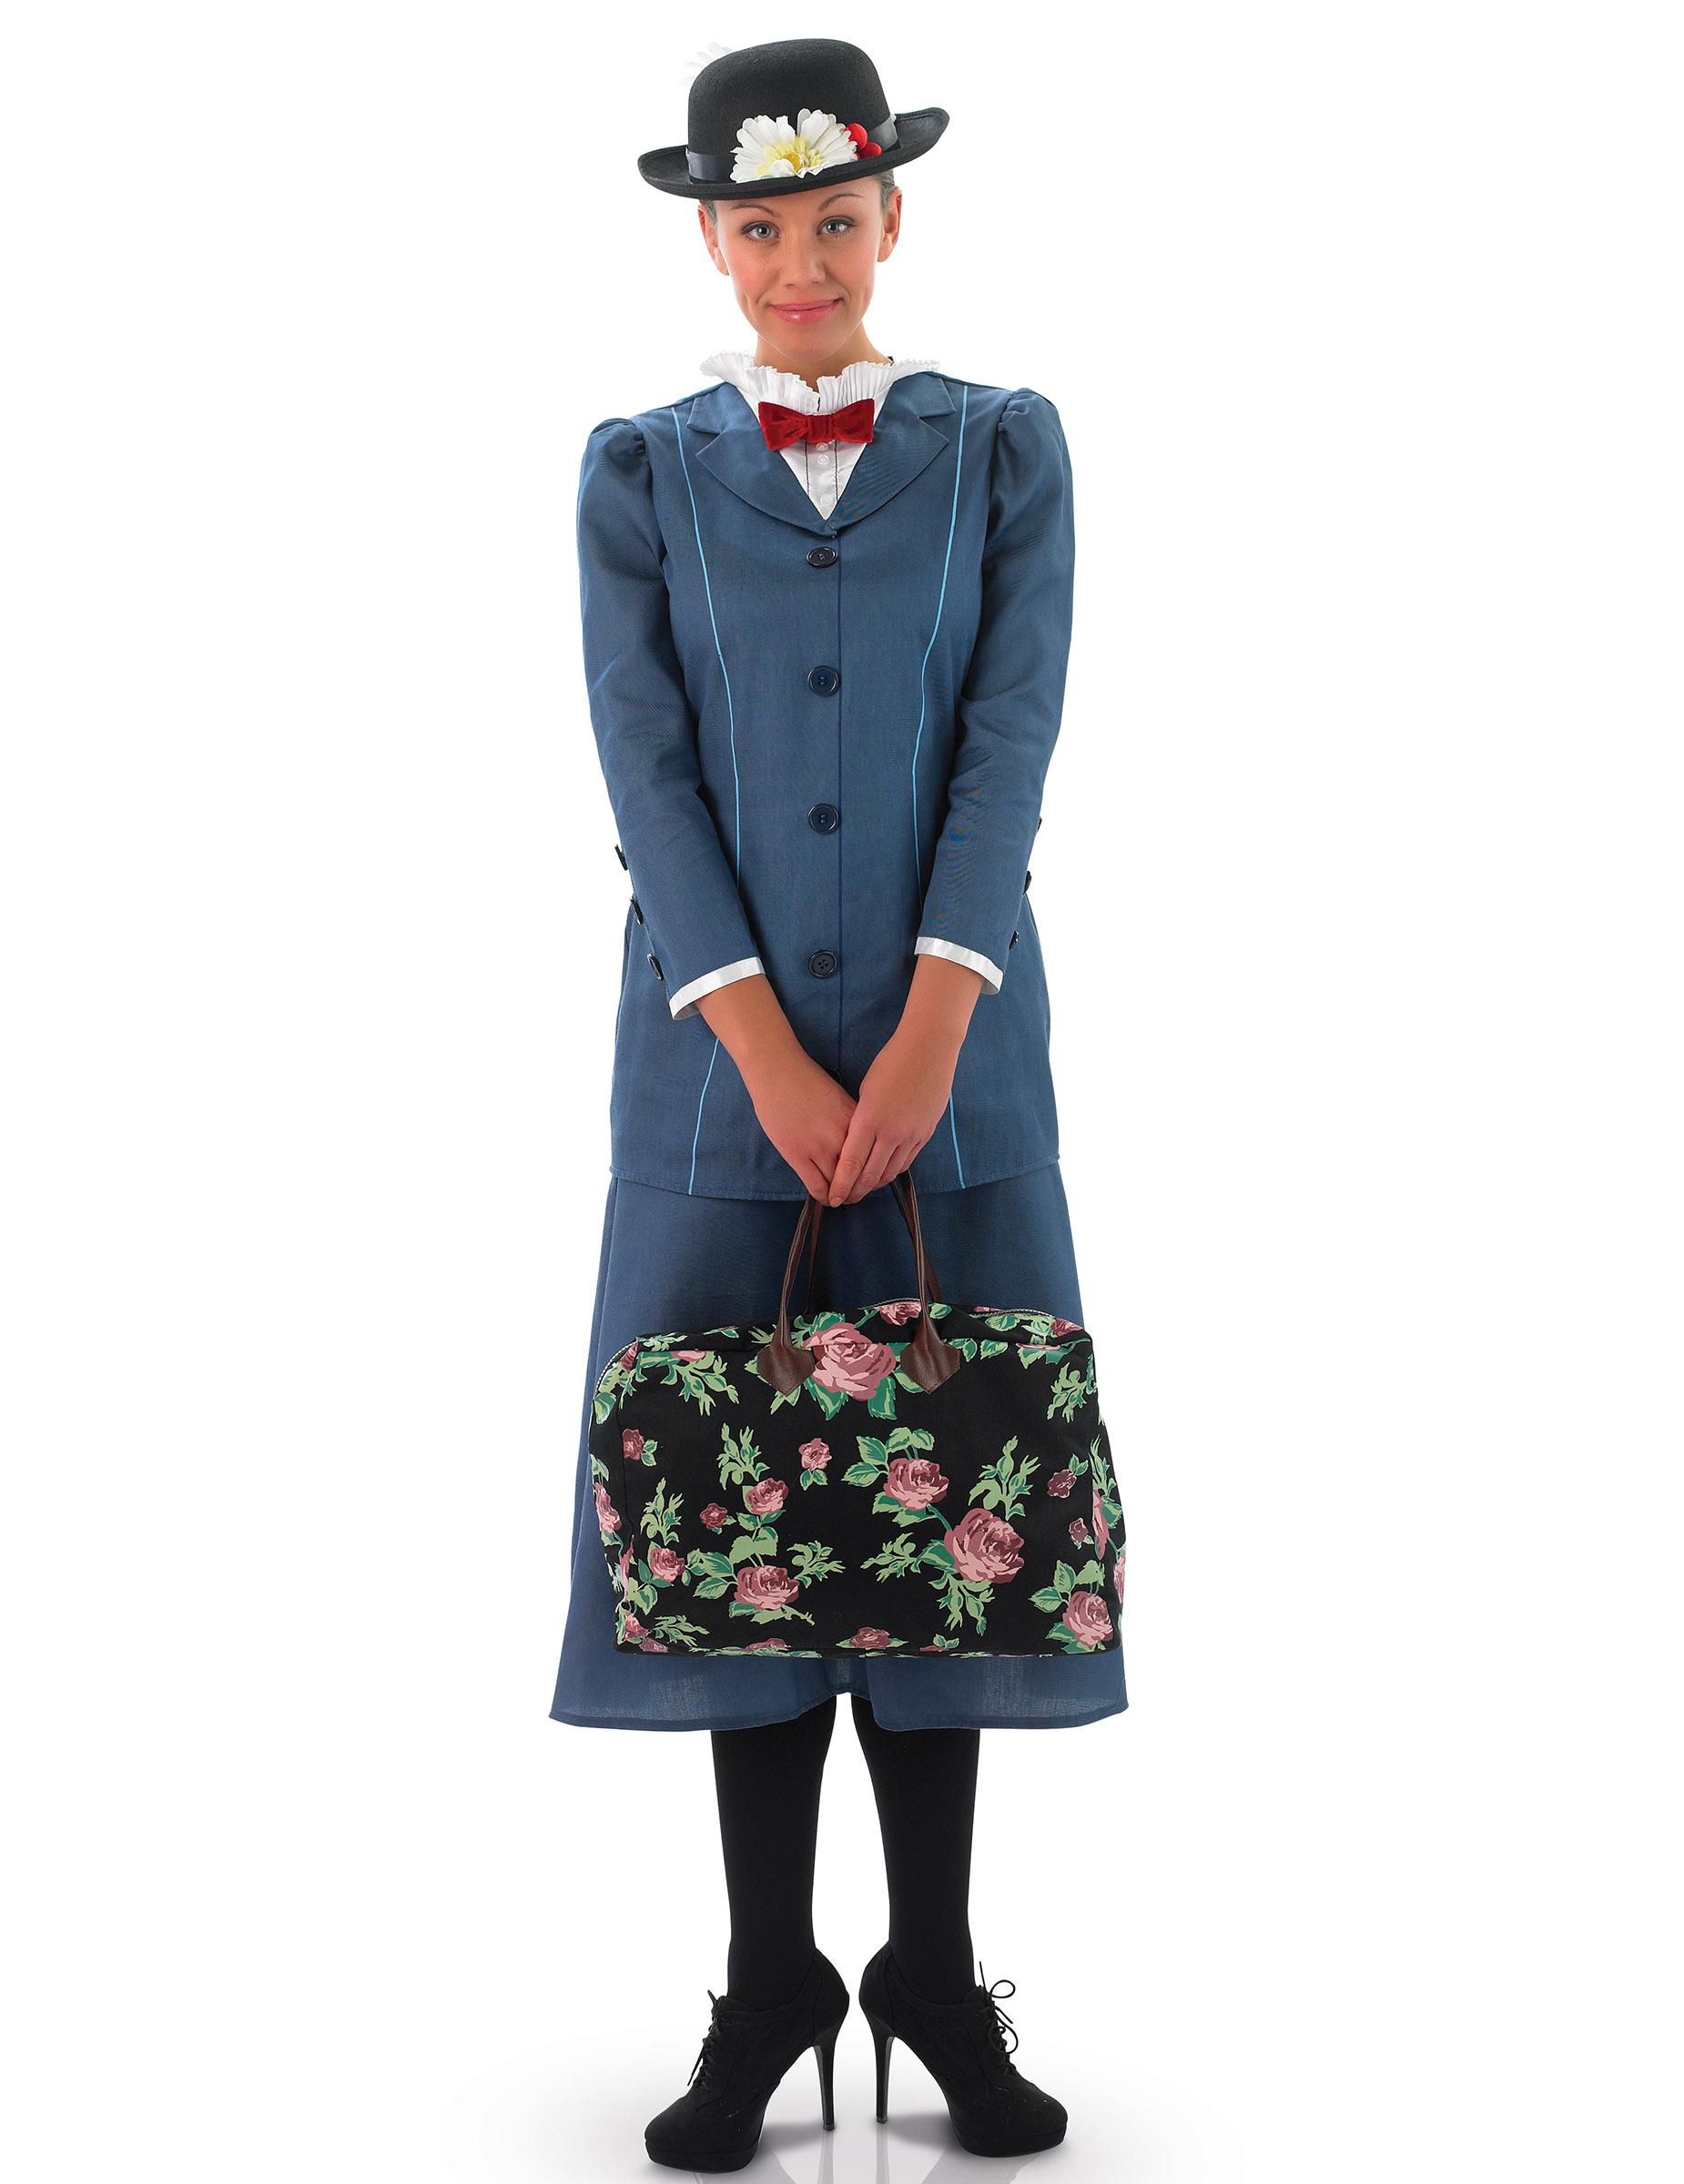 disfraz adulto mary poppins disfraces adultos y disfraces originales baratos vegaoo. Black Bedroom Furniture Sets. Home Design Ideas